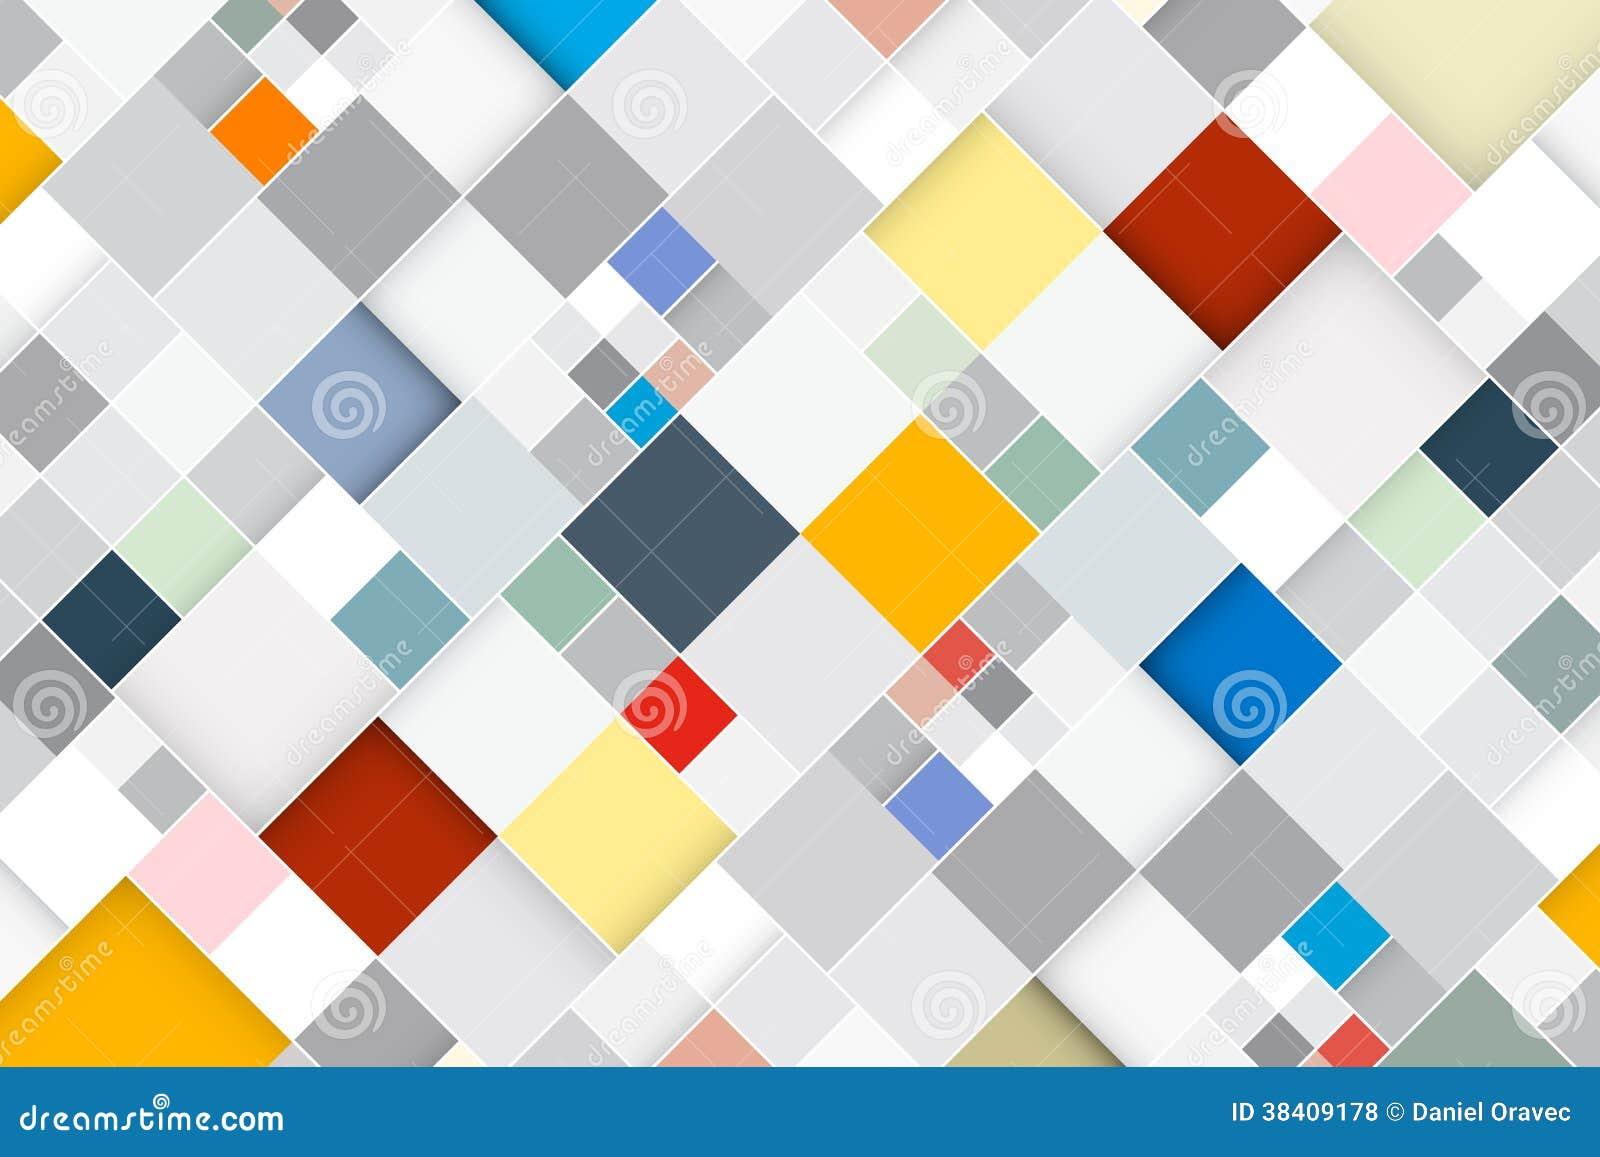 Kleurrijke Vector Abstracte Vierkante Retro Achtergrond